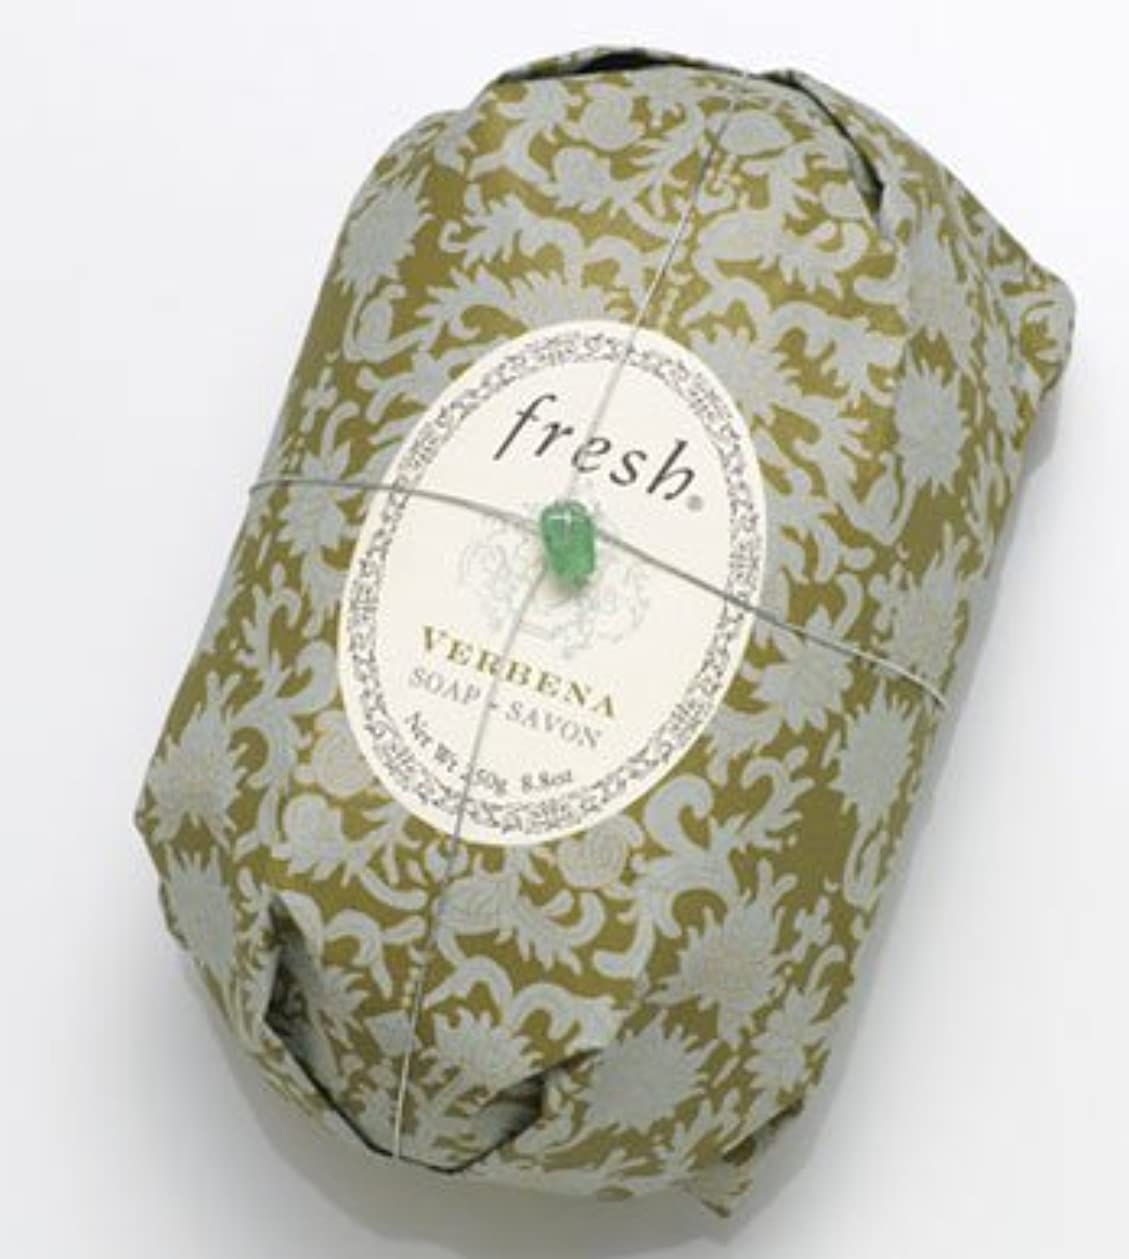 フリッパー不振活気づけるFresh VERBENA SOAP (フレッシュ バーベナ ソープ) 8.8 oz (250g) Soap (石鹸) by Fresh